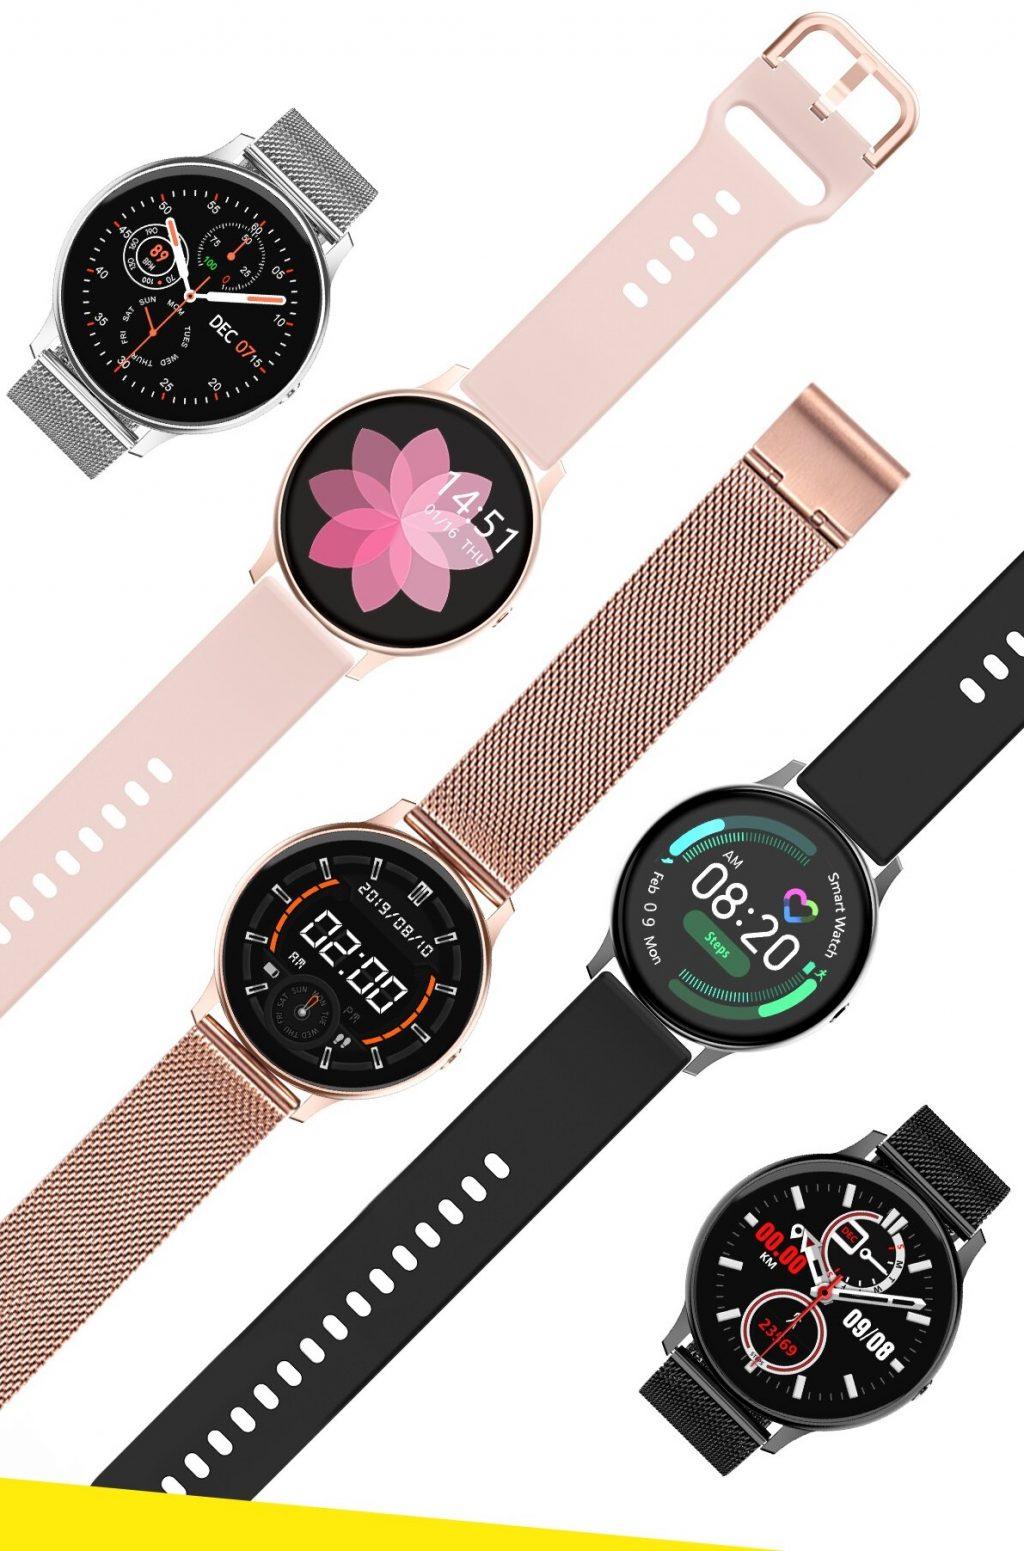 reloj con regalos